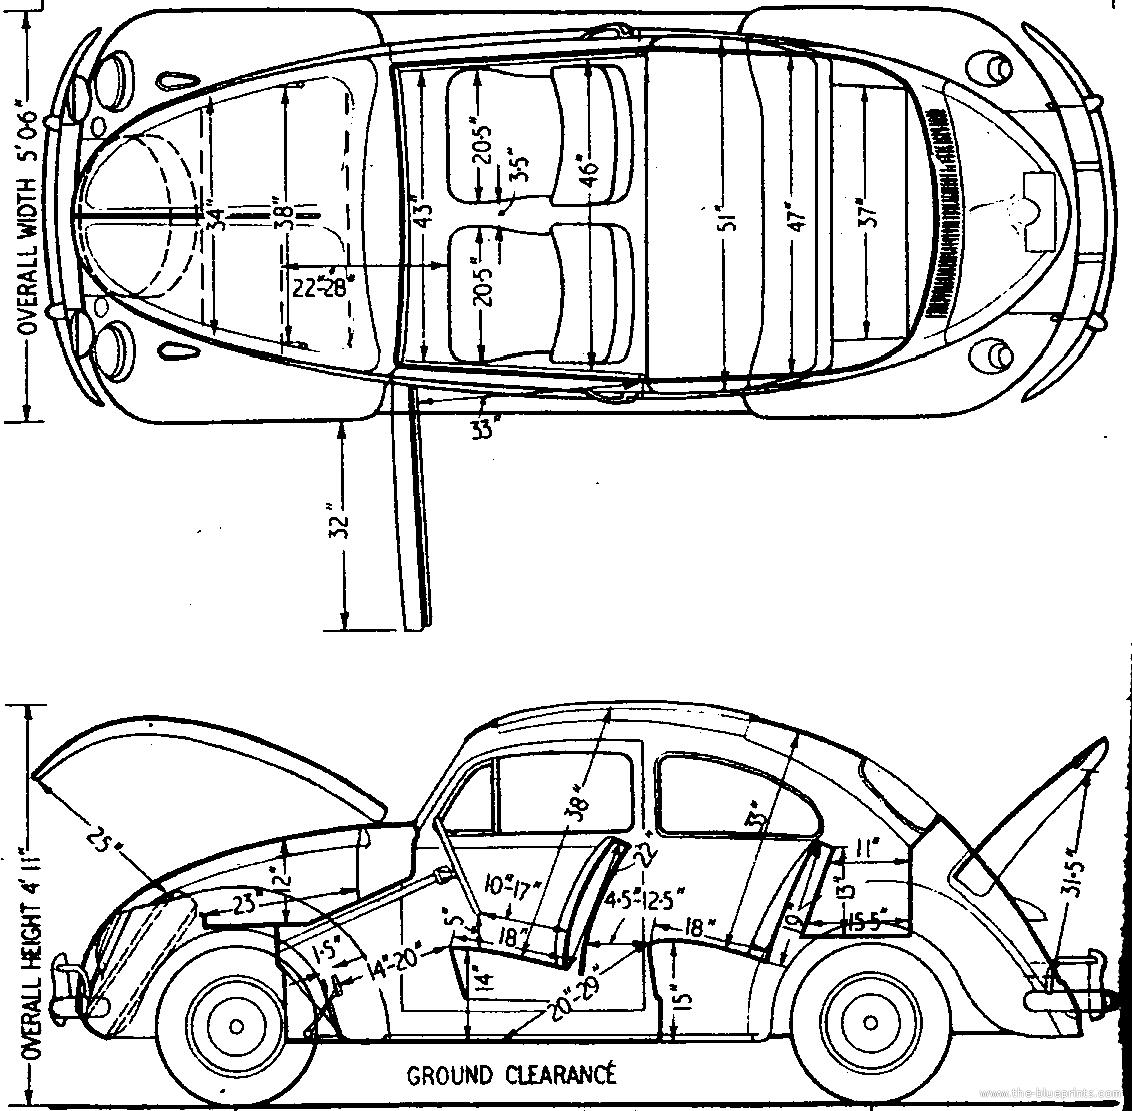 Blueprints > Cars > Volkswagen > Volkswagen Beetle 1200 (1962)